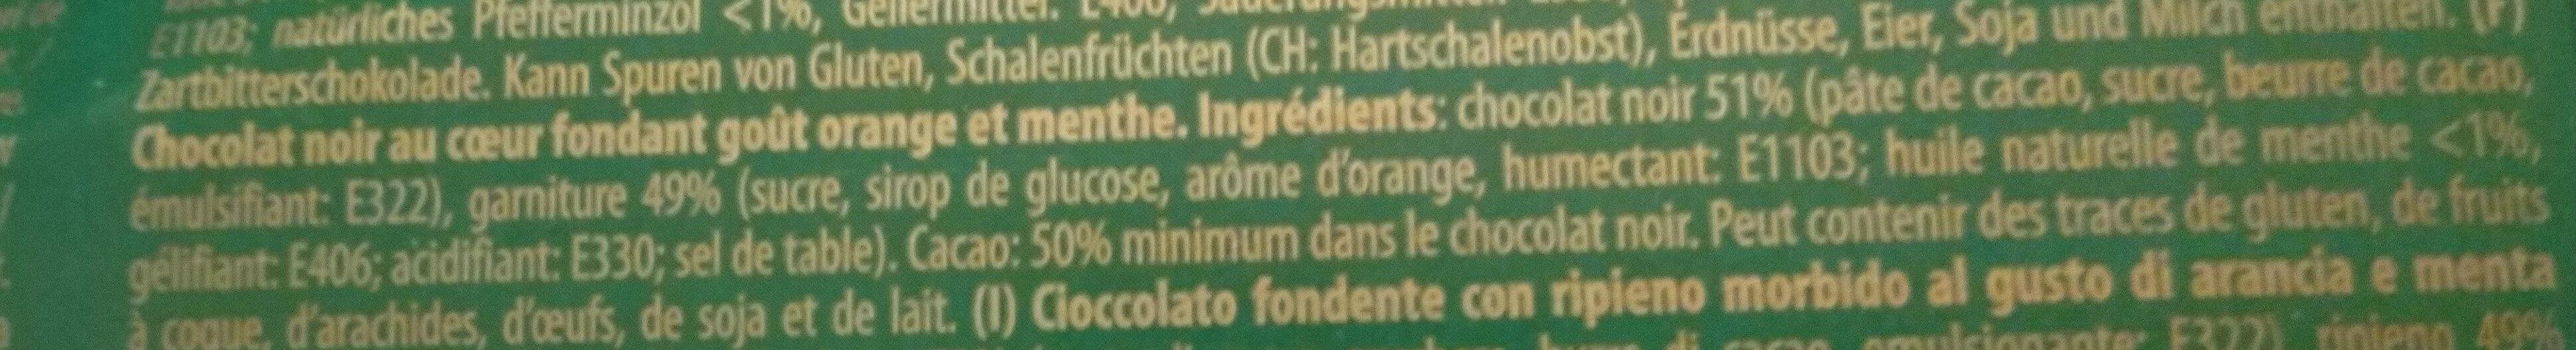 Schokolade Zartbitter Blätter Mit Orangen - Ingredients